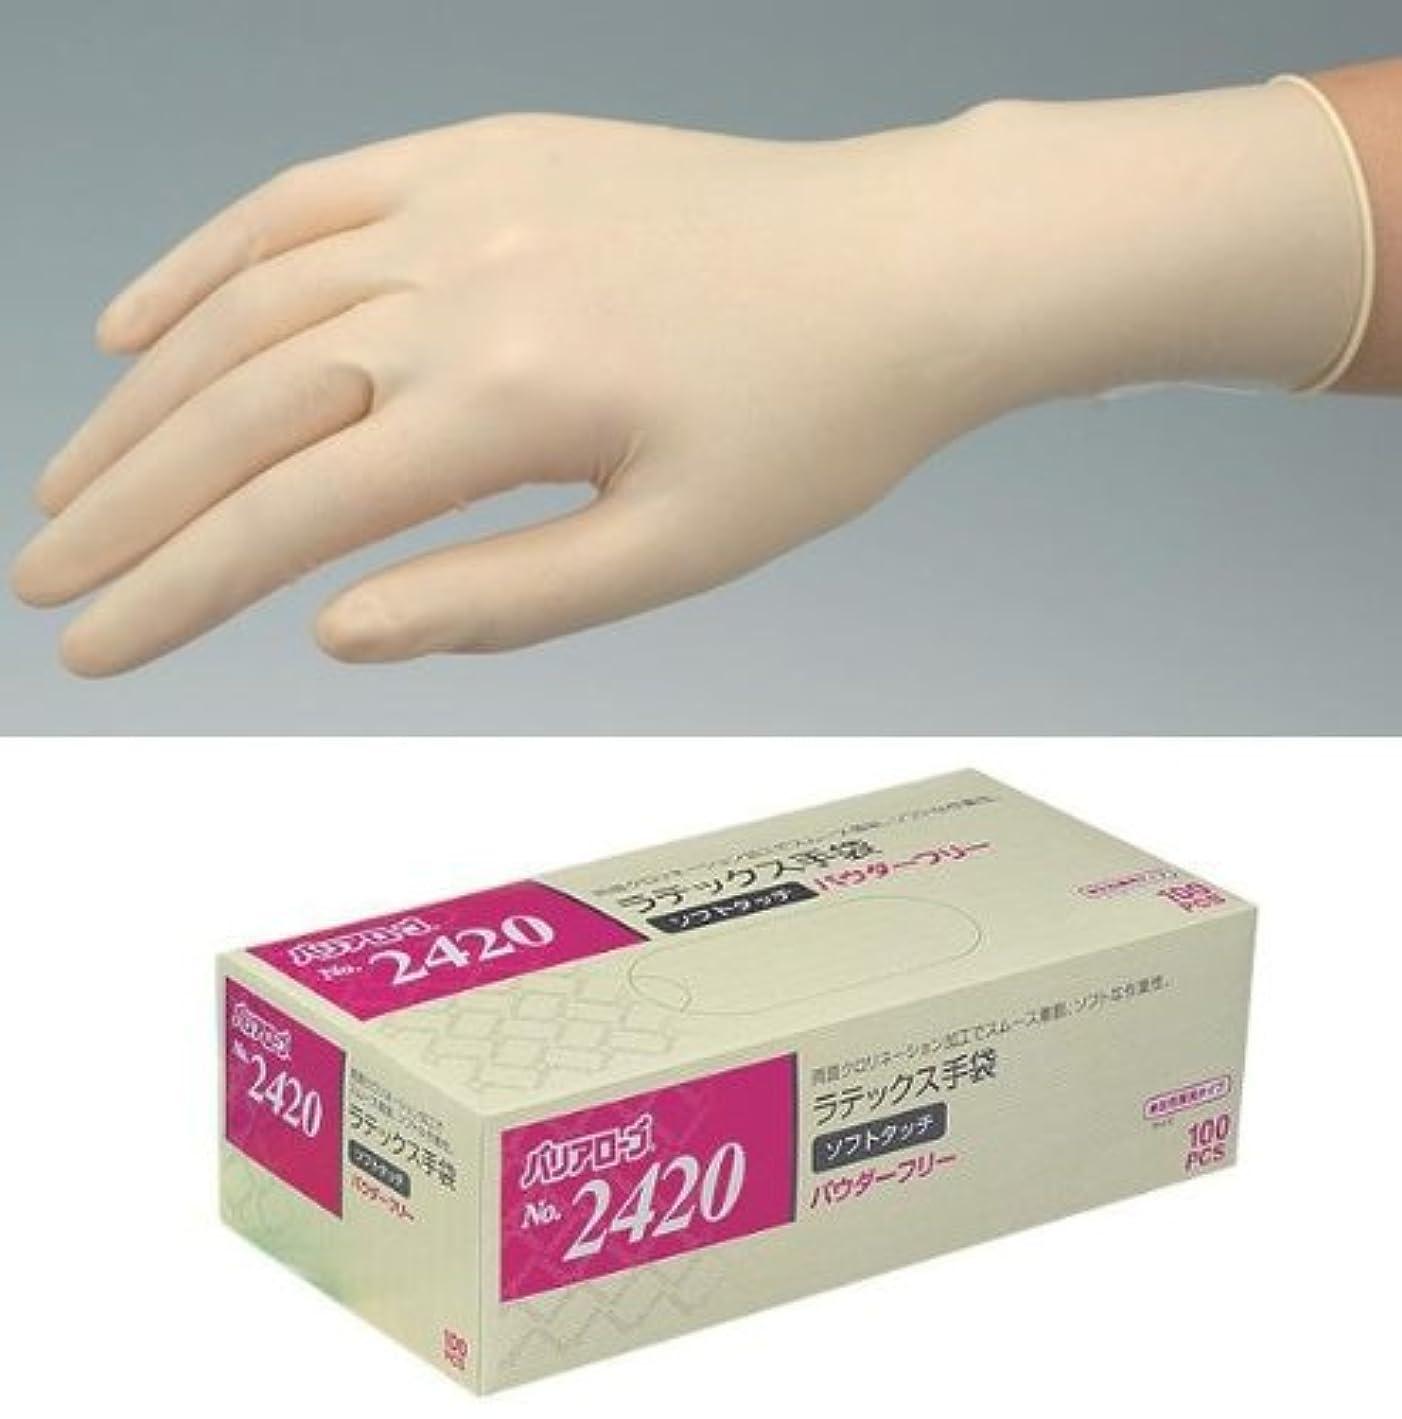 しかしながら座標葉っぱバリアローブ ラテックス手袋 ソフトタッチPF(左右兼用) 100枚×20箱 NO.2420   M